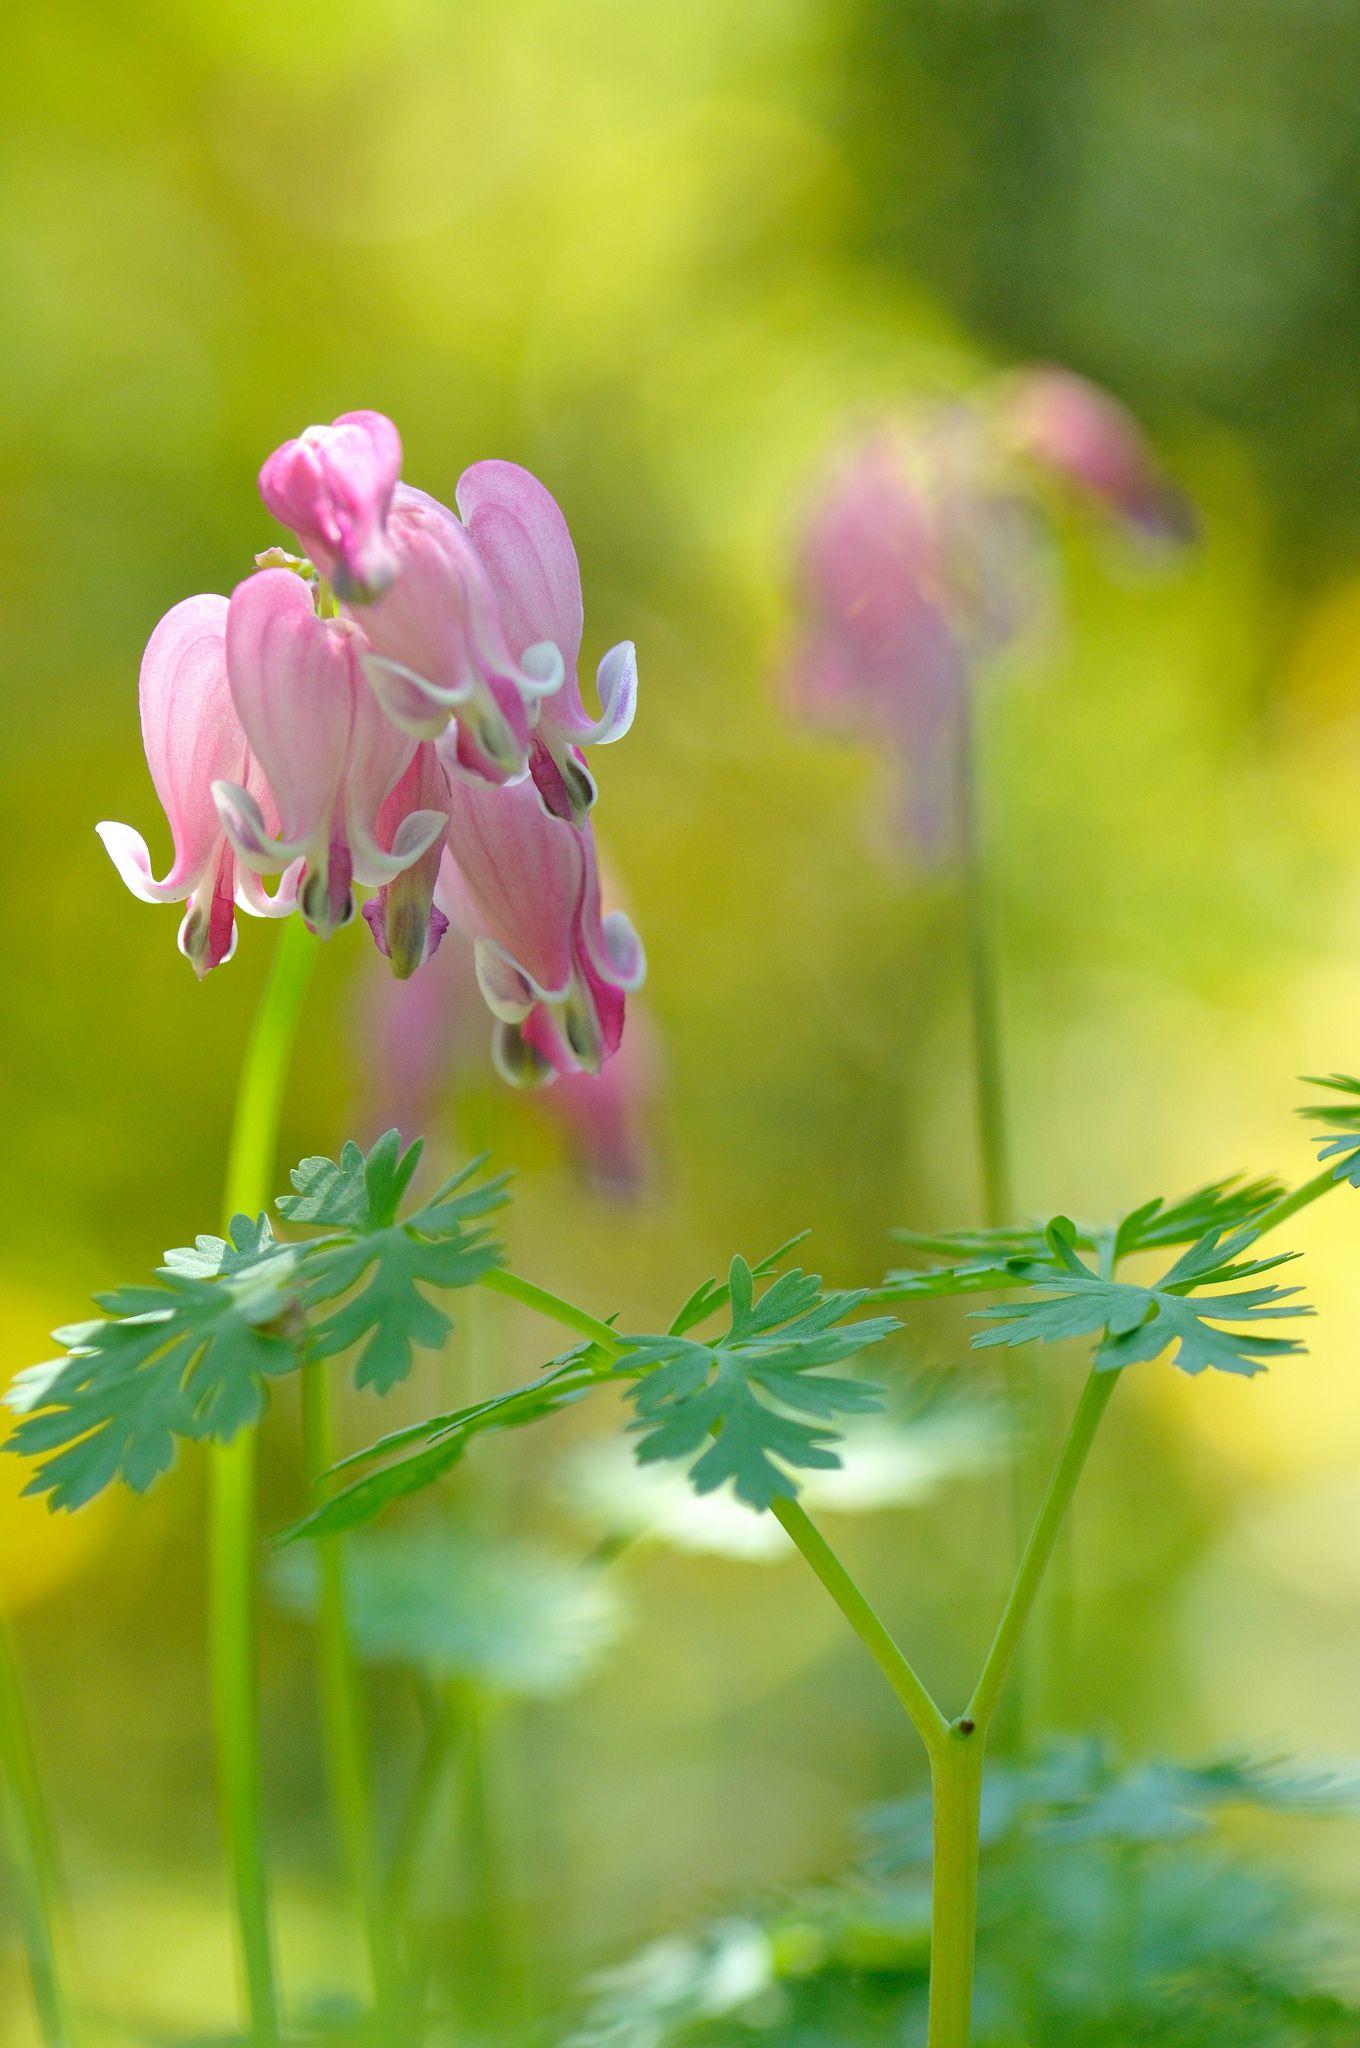 四季咲きコマクサ 野の花 flowers beautiful flowers bleeding